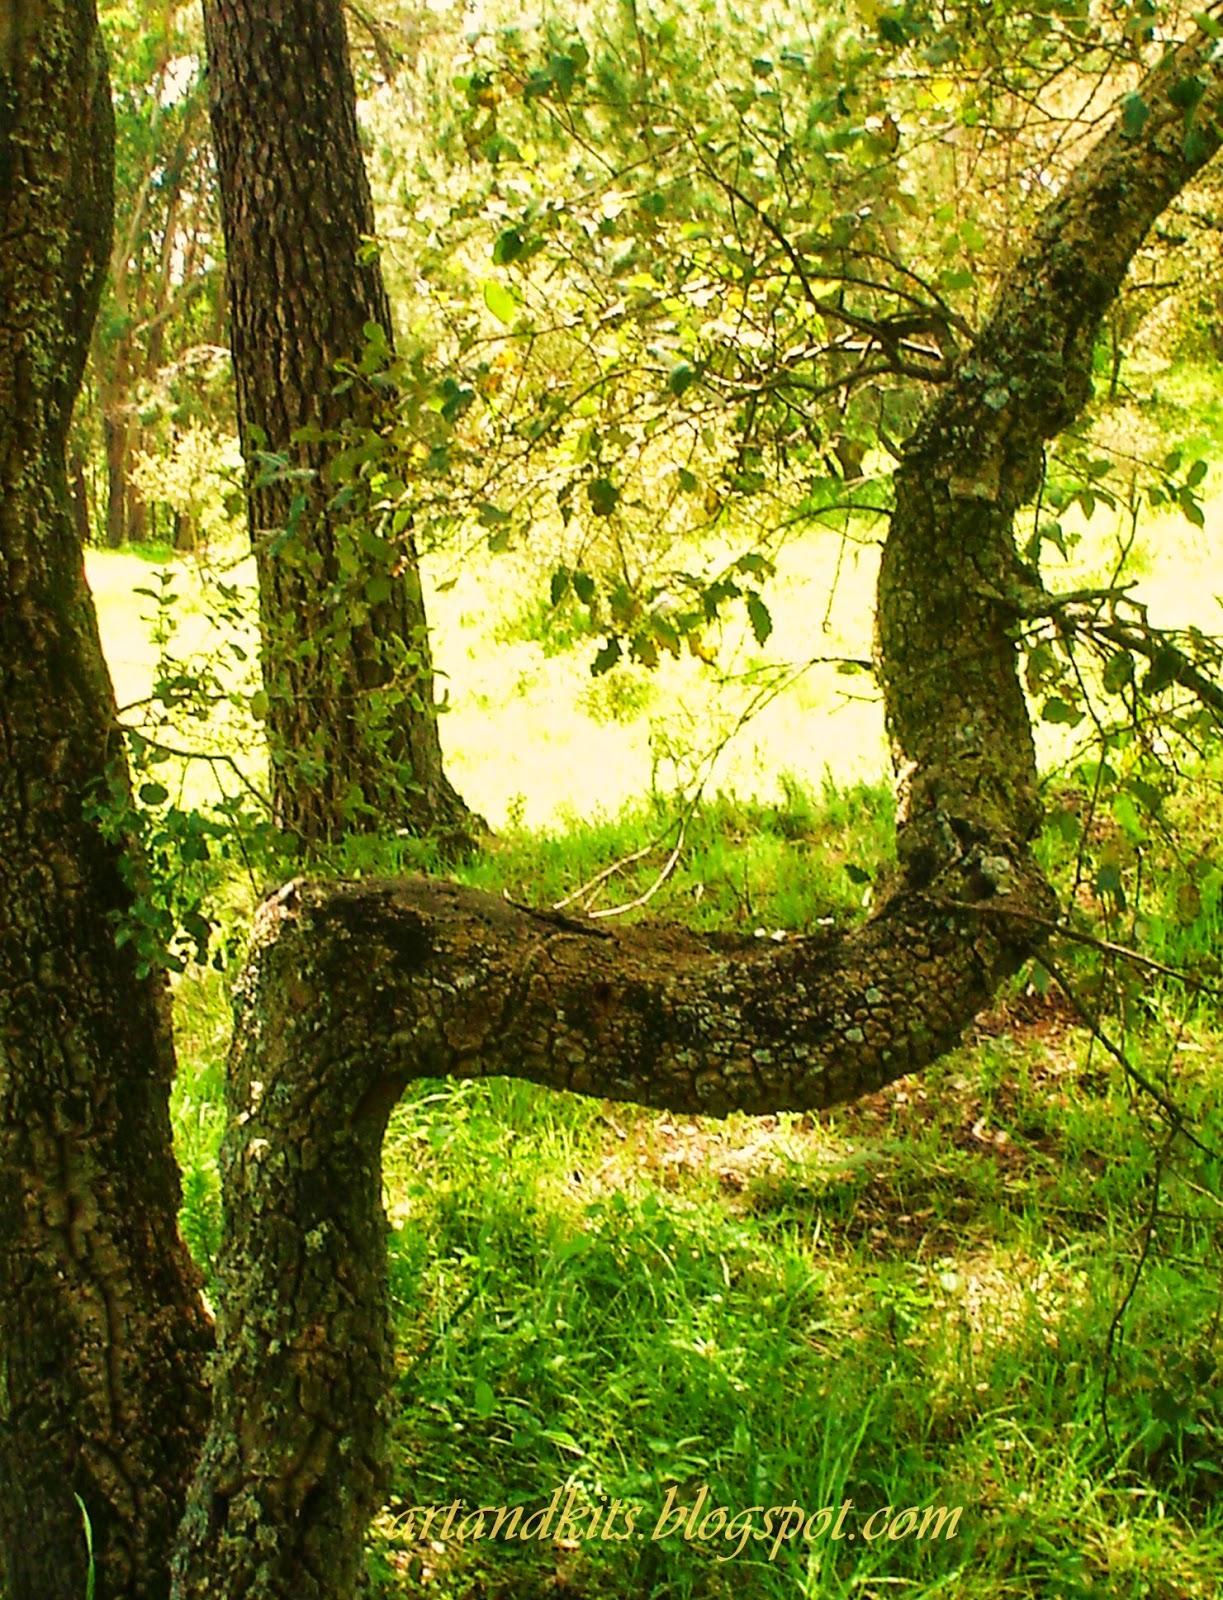 As árvores, têm uma qualidade que muito admiro: a sua verticalidade! A sua única ambição? Não o desejo de querer subir, a qualquer custo... mas o desejo de saber estar, e permanecer erguidas, dignamente... de alguma forma... até mesmo, perante as contrariedades da vida... / Trees has a quality which I much admire: its verticality! Its only ambition? Not the wish to want to climb, at any cost... but the wish to know how to be, and stand tall, with dignity... somehow... even facing the adversities of life...